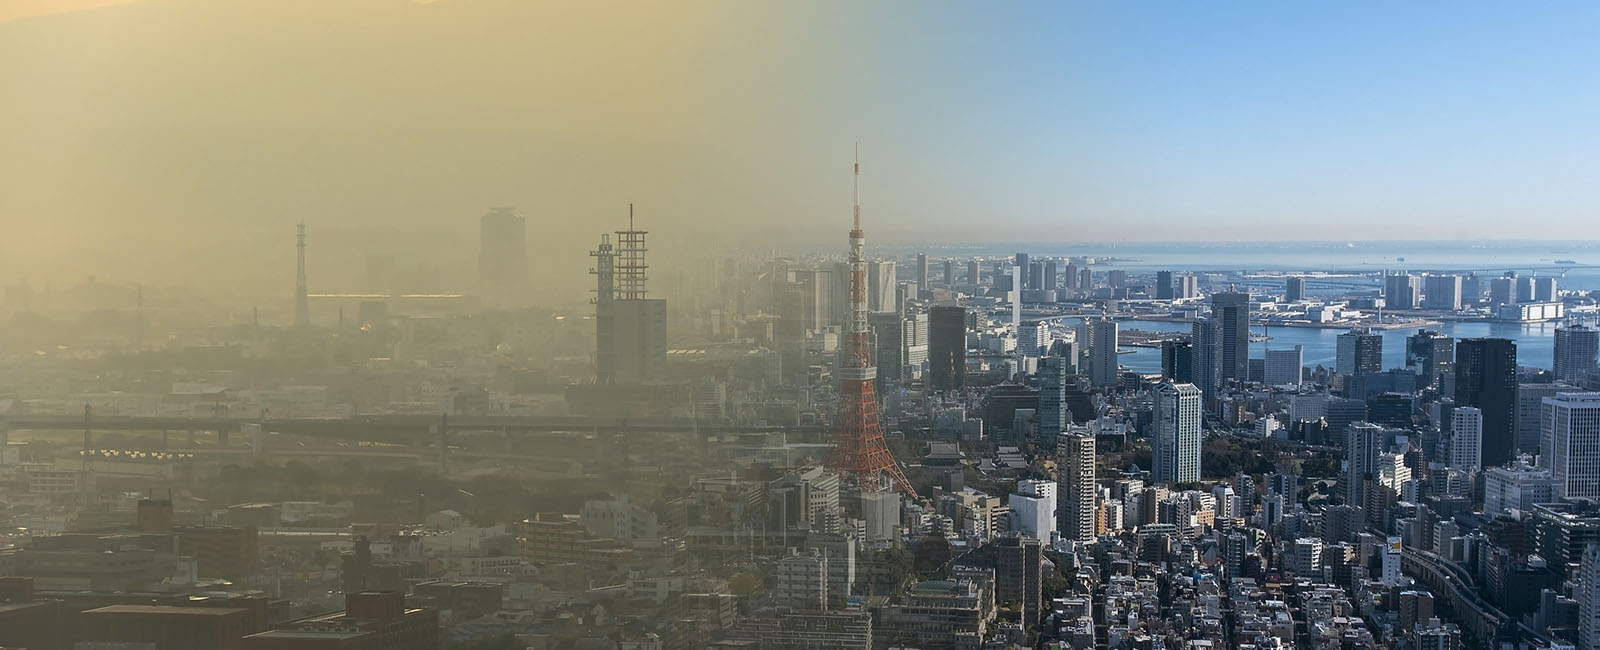 Dünyada ve ülkemizdeki milyonlarca araç hava kirliliğinin kaynaklarından birini oluşturuyor. Bu problemi azaltmak için araçlarda 1975 yılından itibaren katalitik konverter kullanılmaktadır